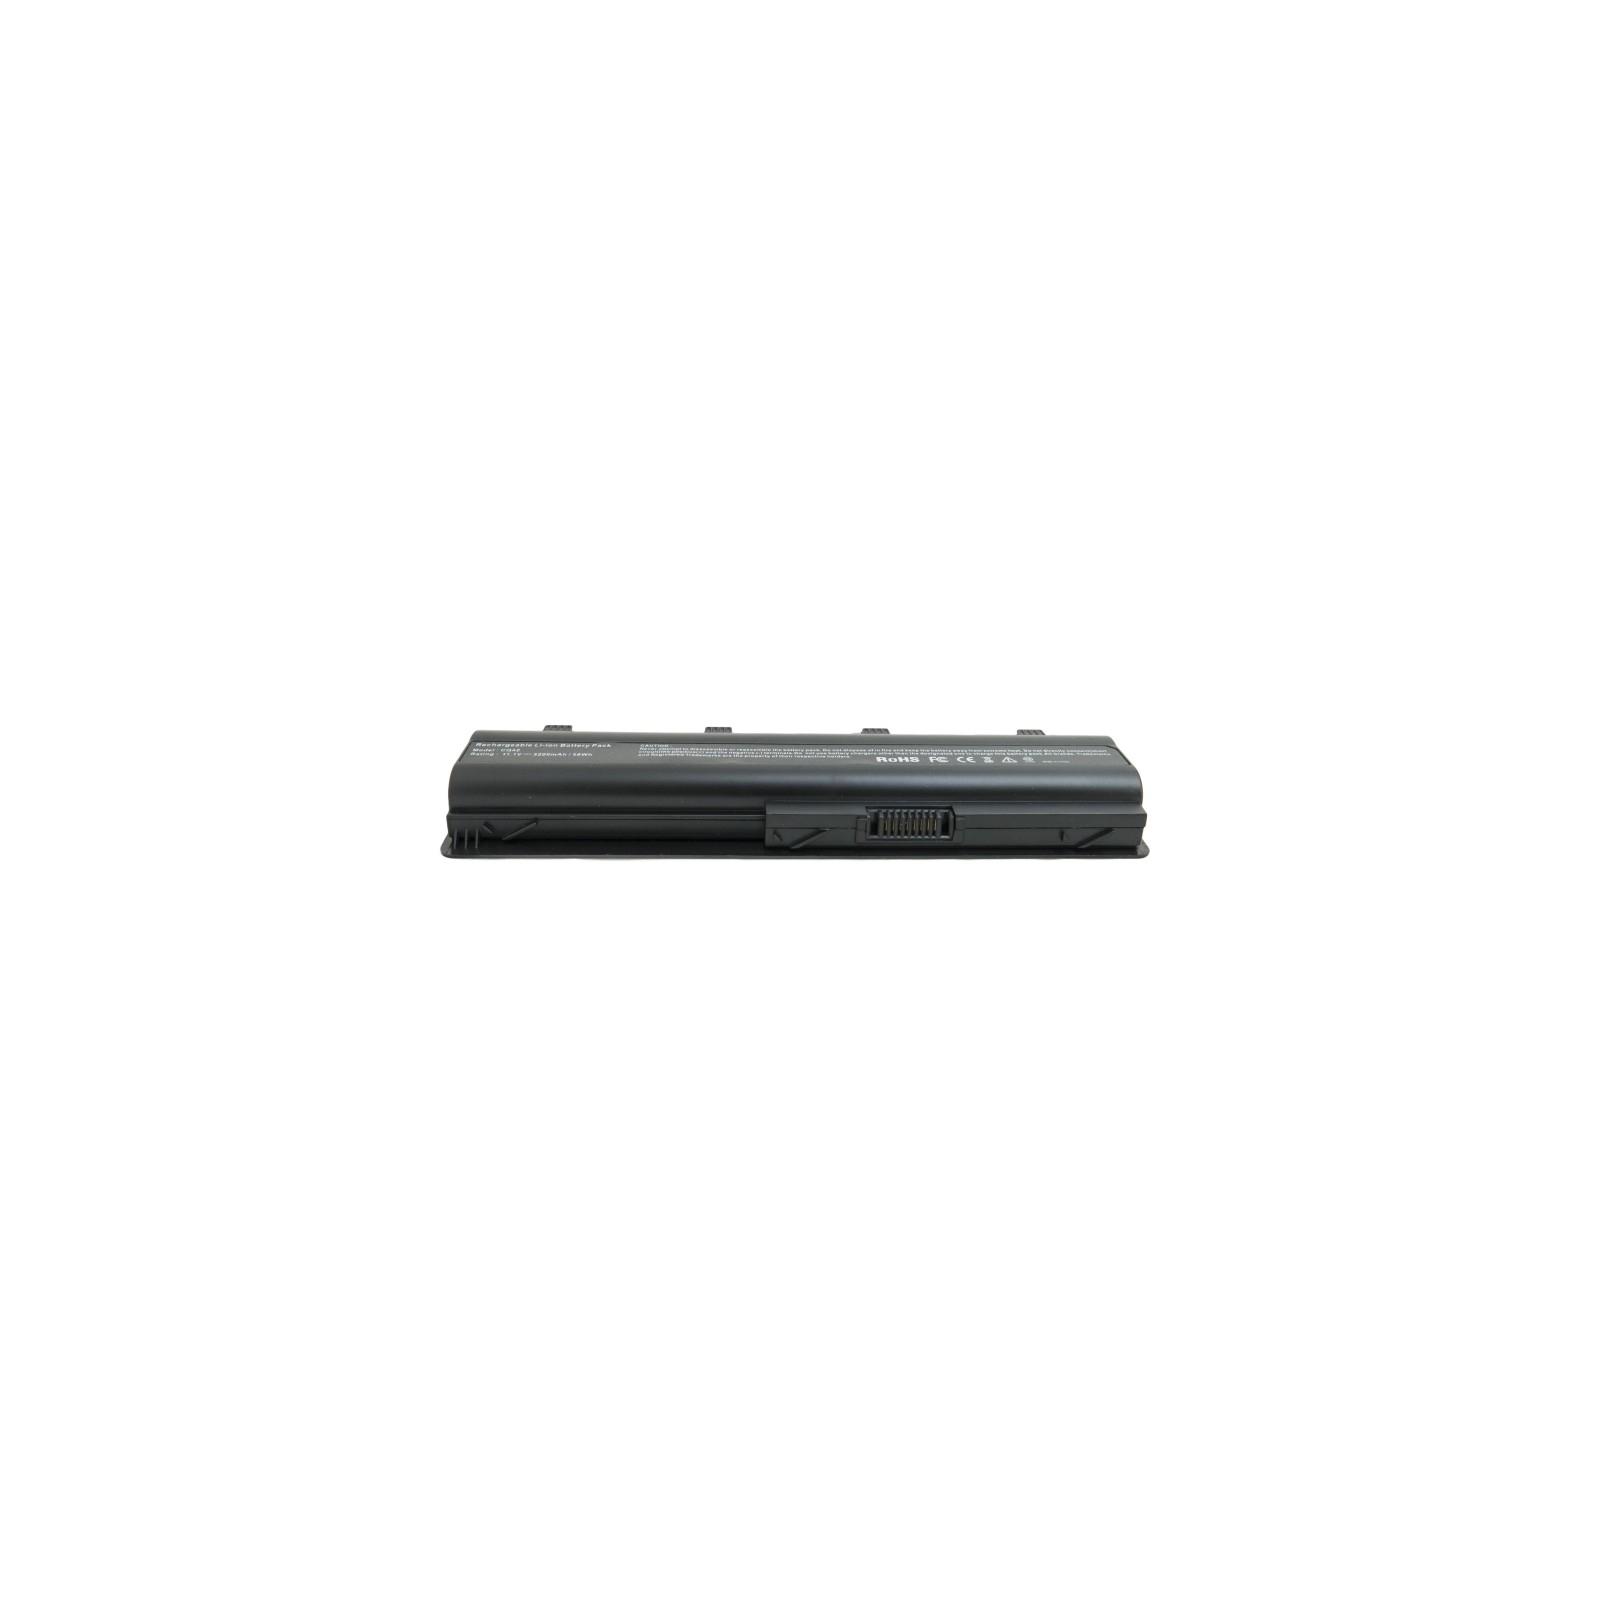 Аккумулятор для ноутбука HP 630 (HSTNN-Q62C) 5200 mAh Extradigital (BNH3942) изображение 4